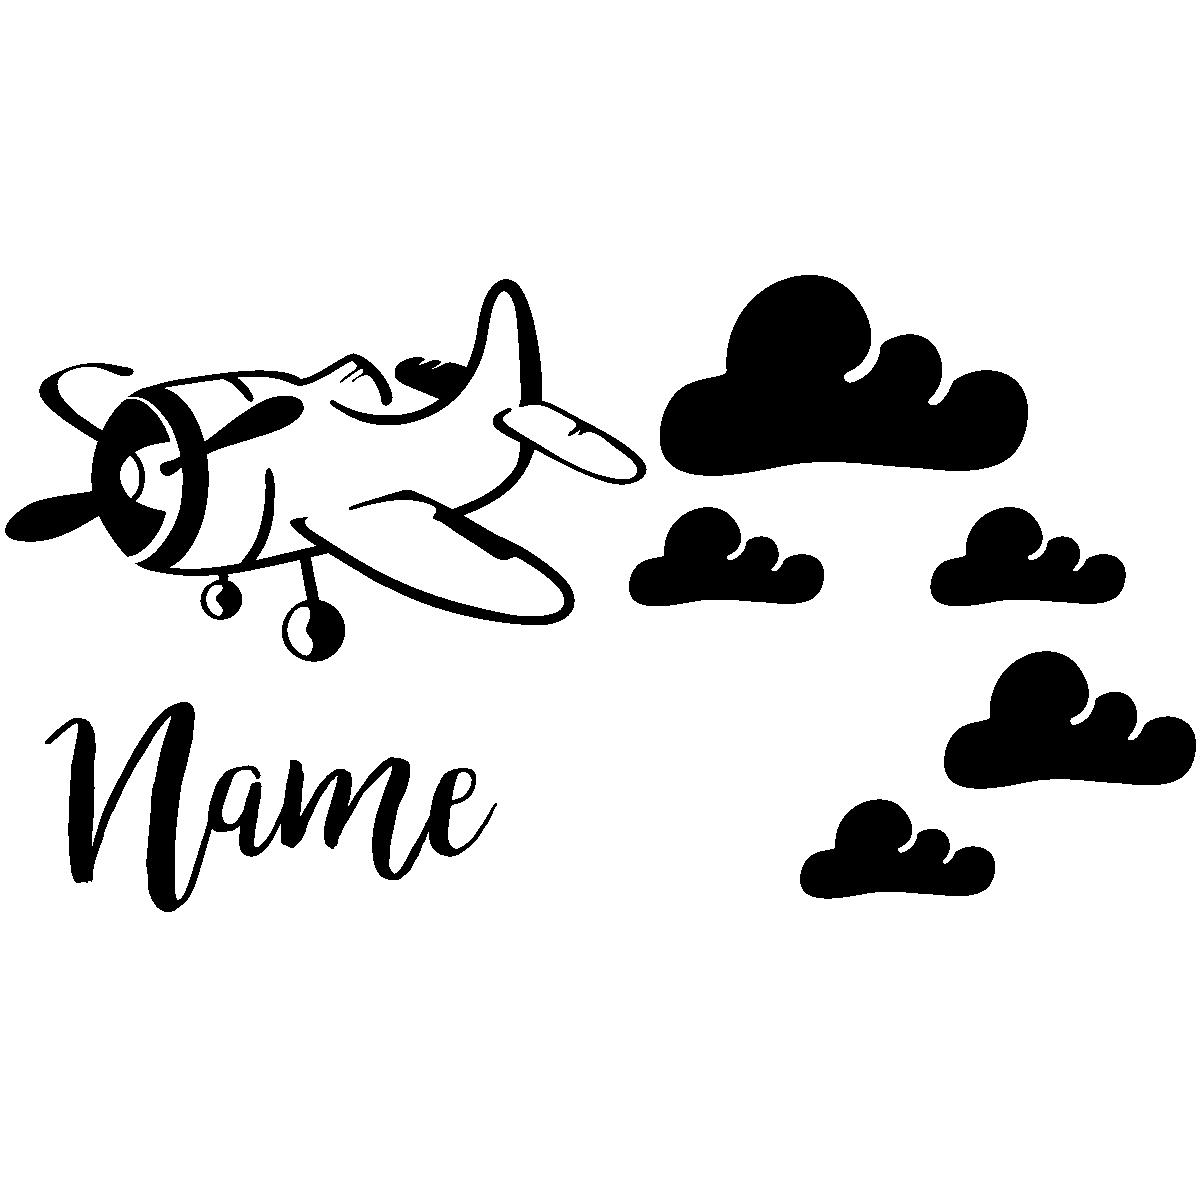 sticker pr nom personnalis avion et nuages mini stickers pr nom perso ambiance sticker. Black Bedroom Furniture Sets. Home Design Ideas